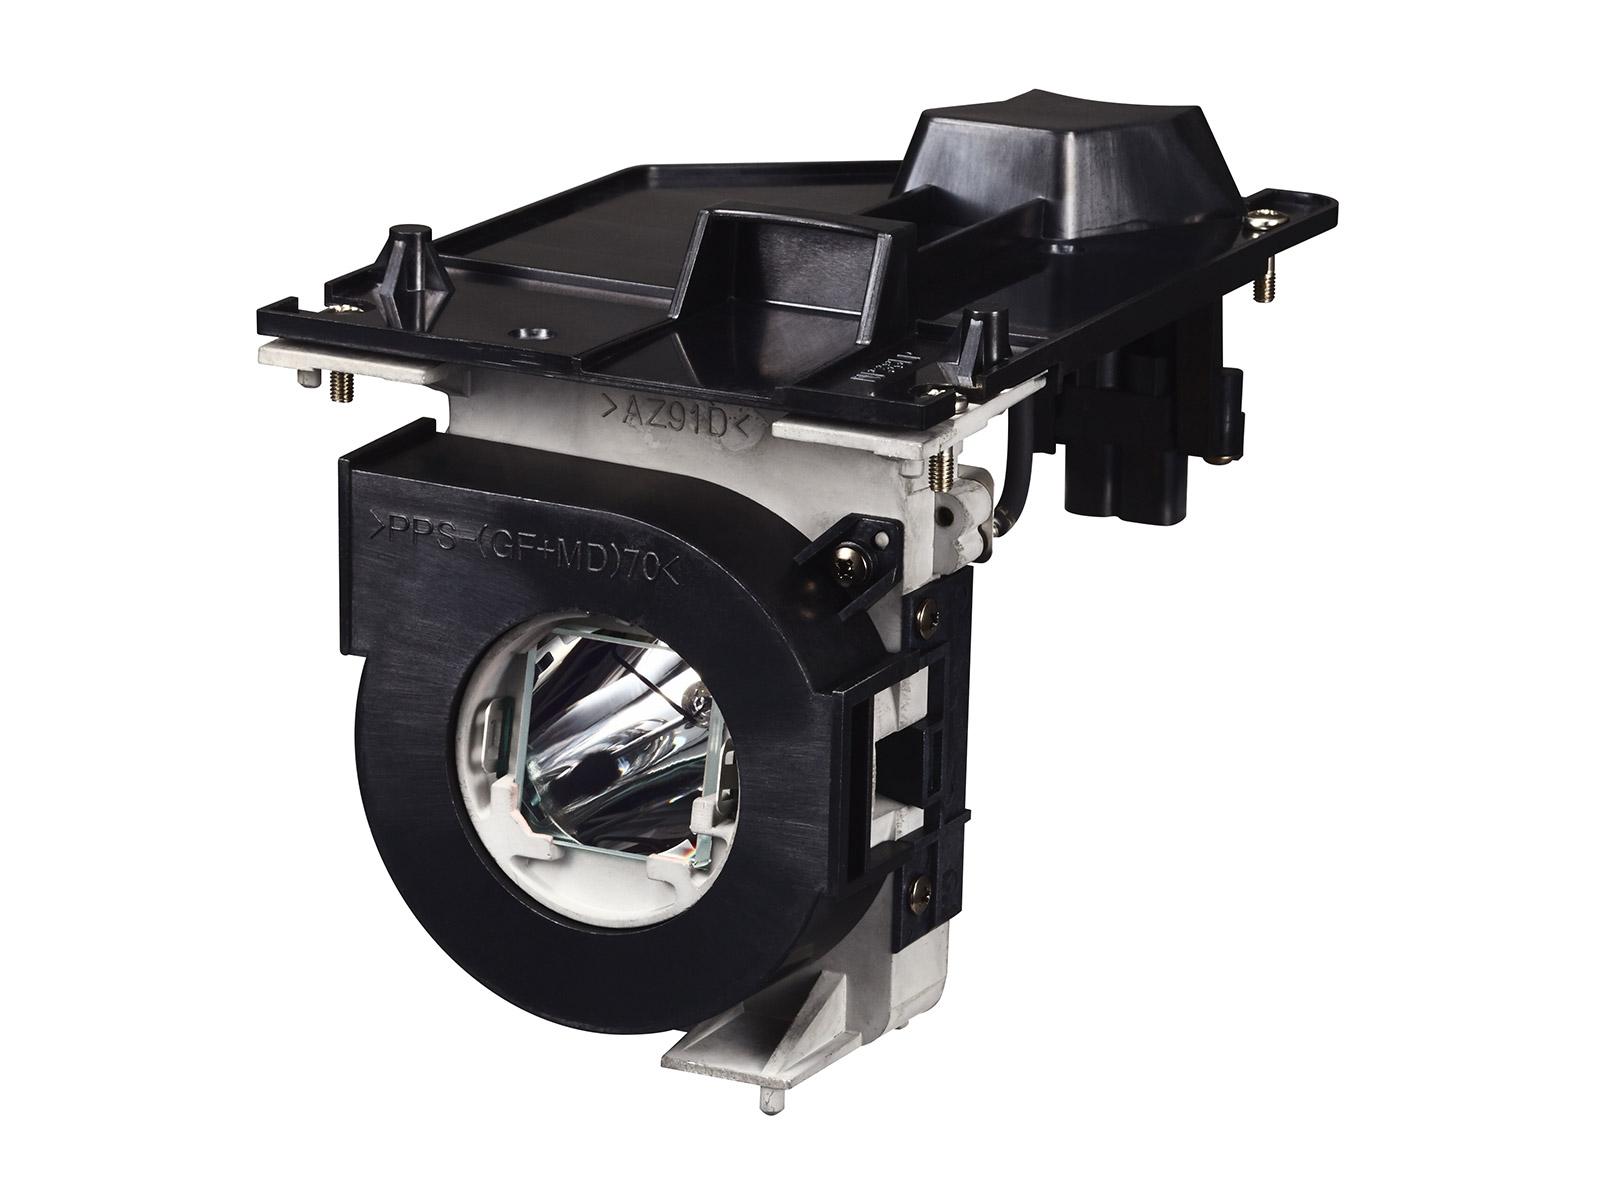 NEC lampa NP39LP - k prj P502H/W